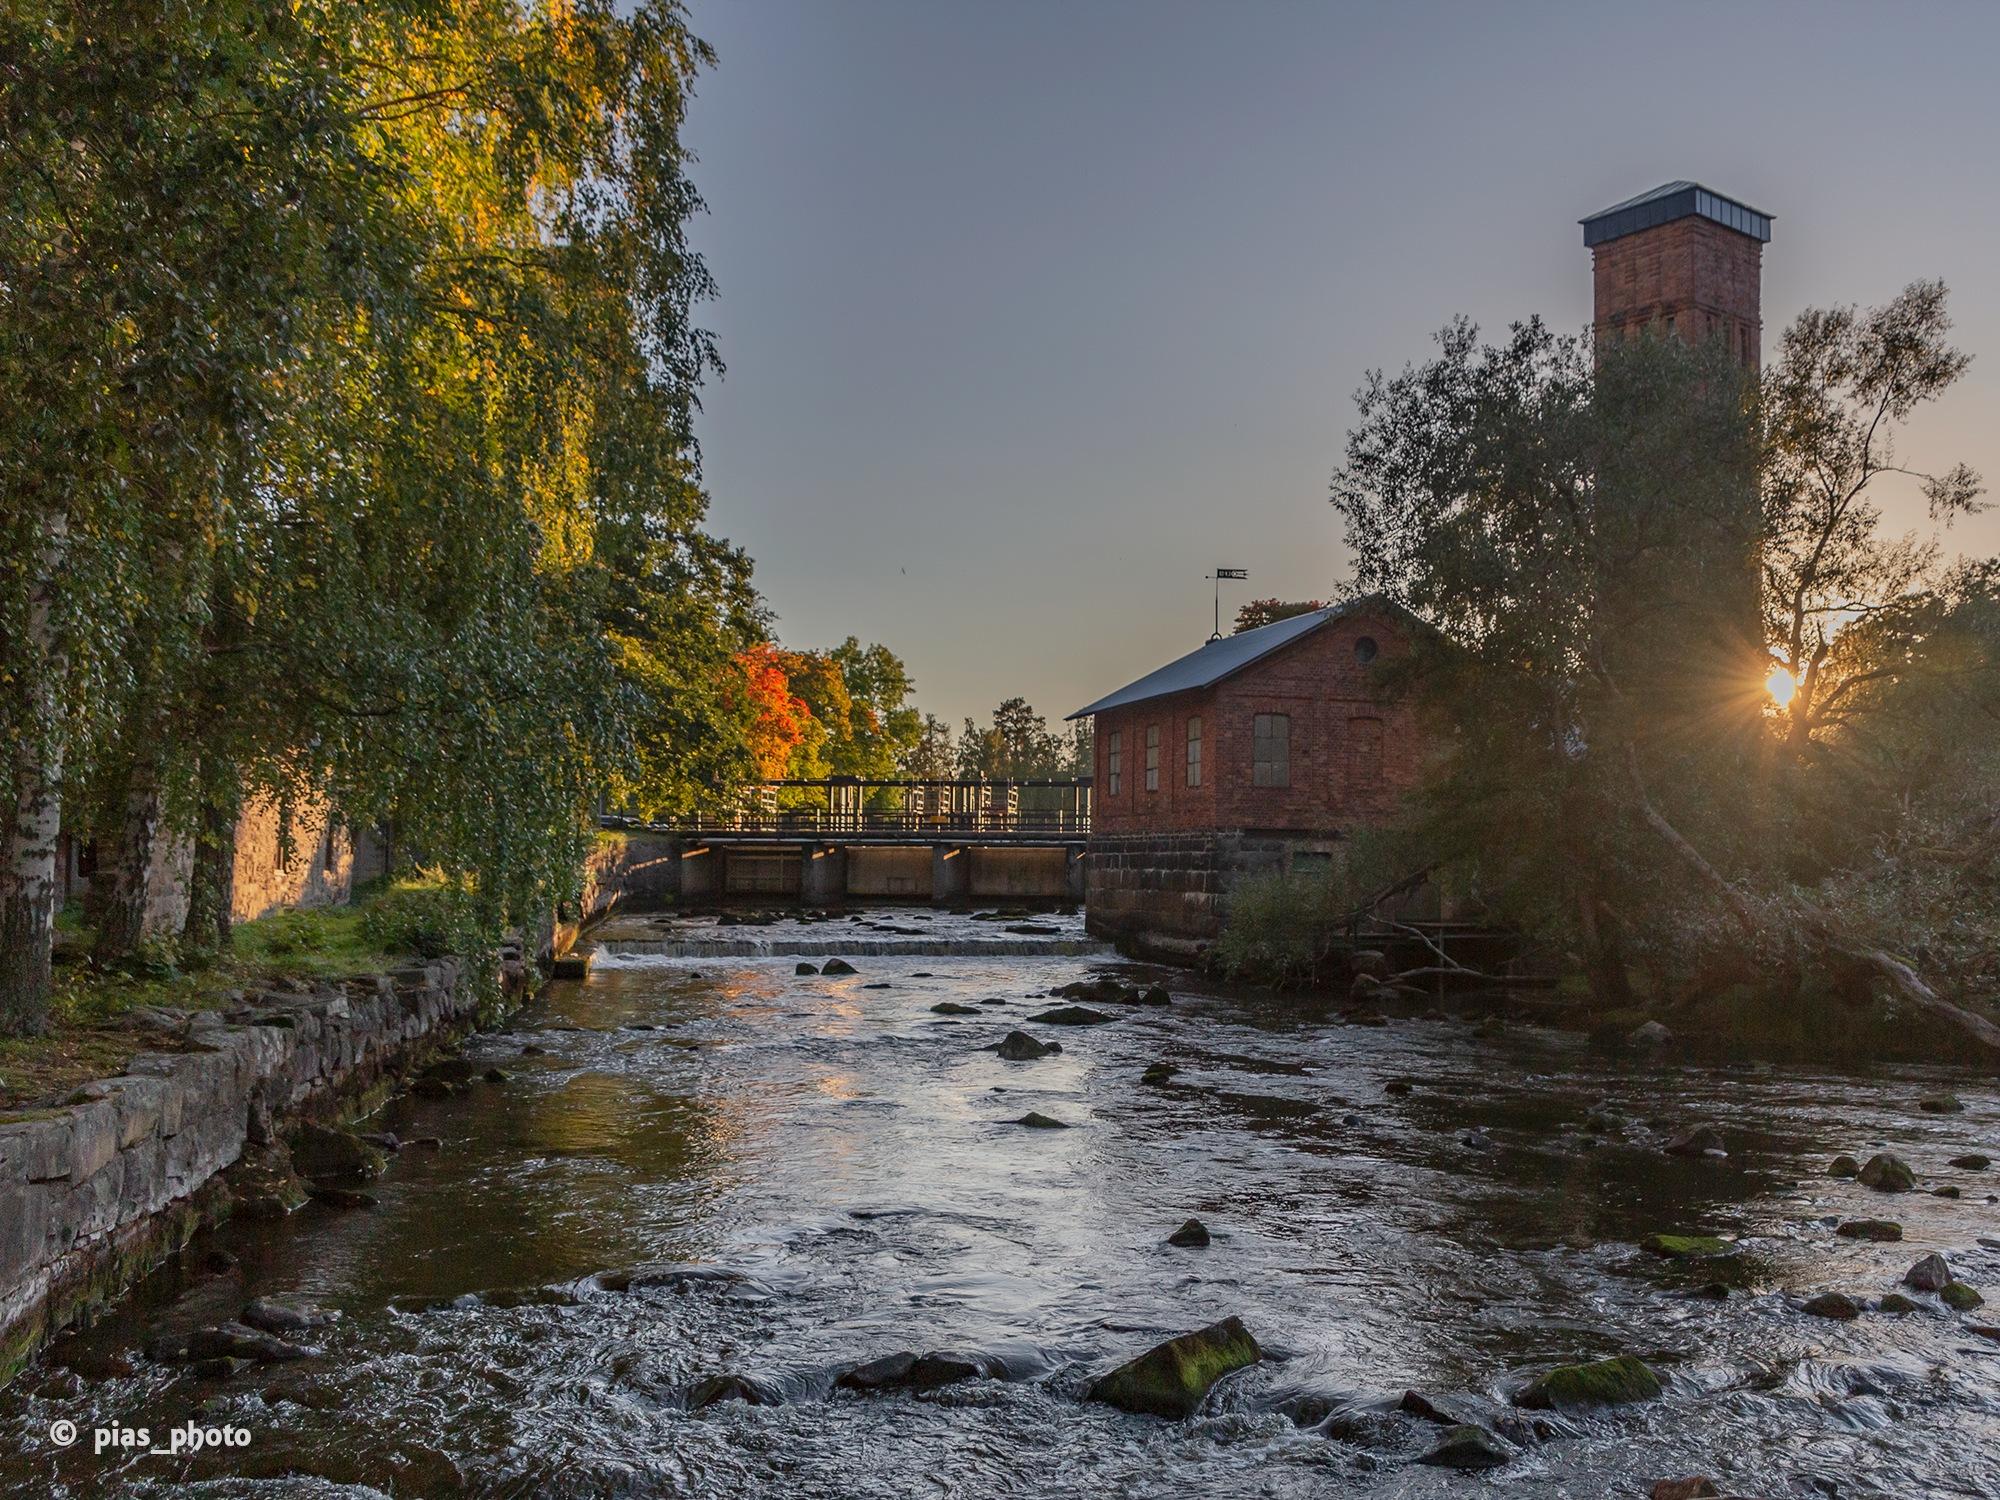 Kvällspromenad by pias_photo